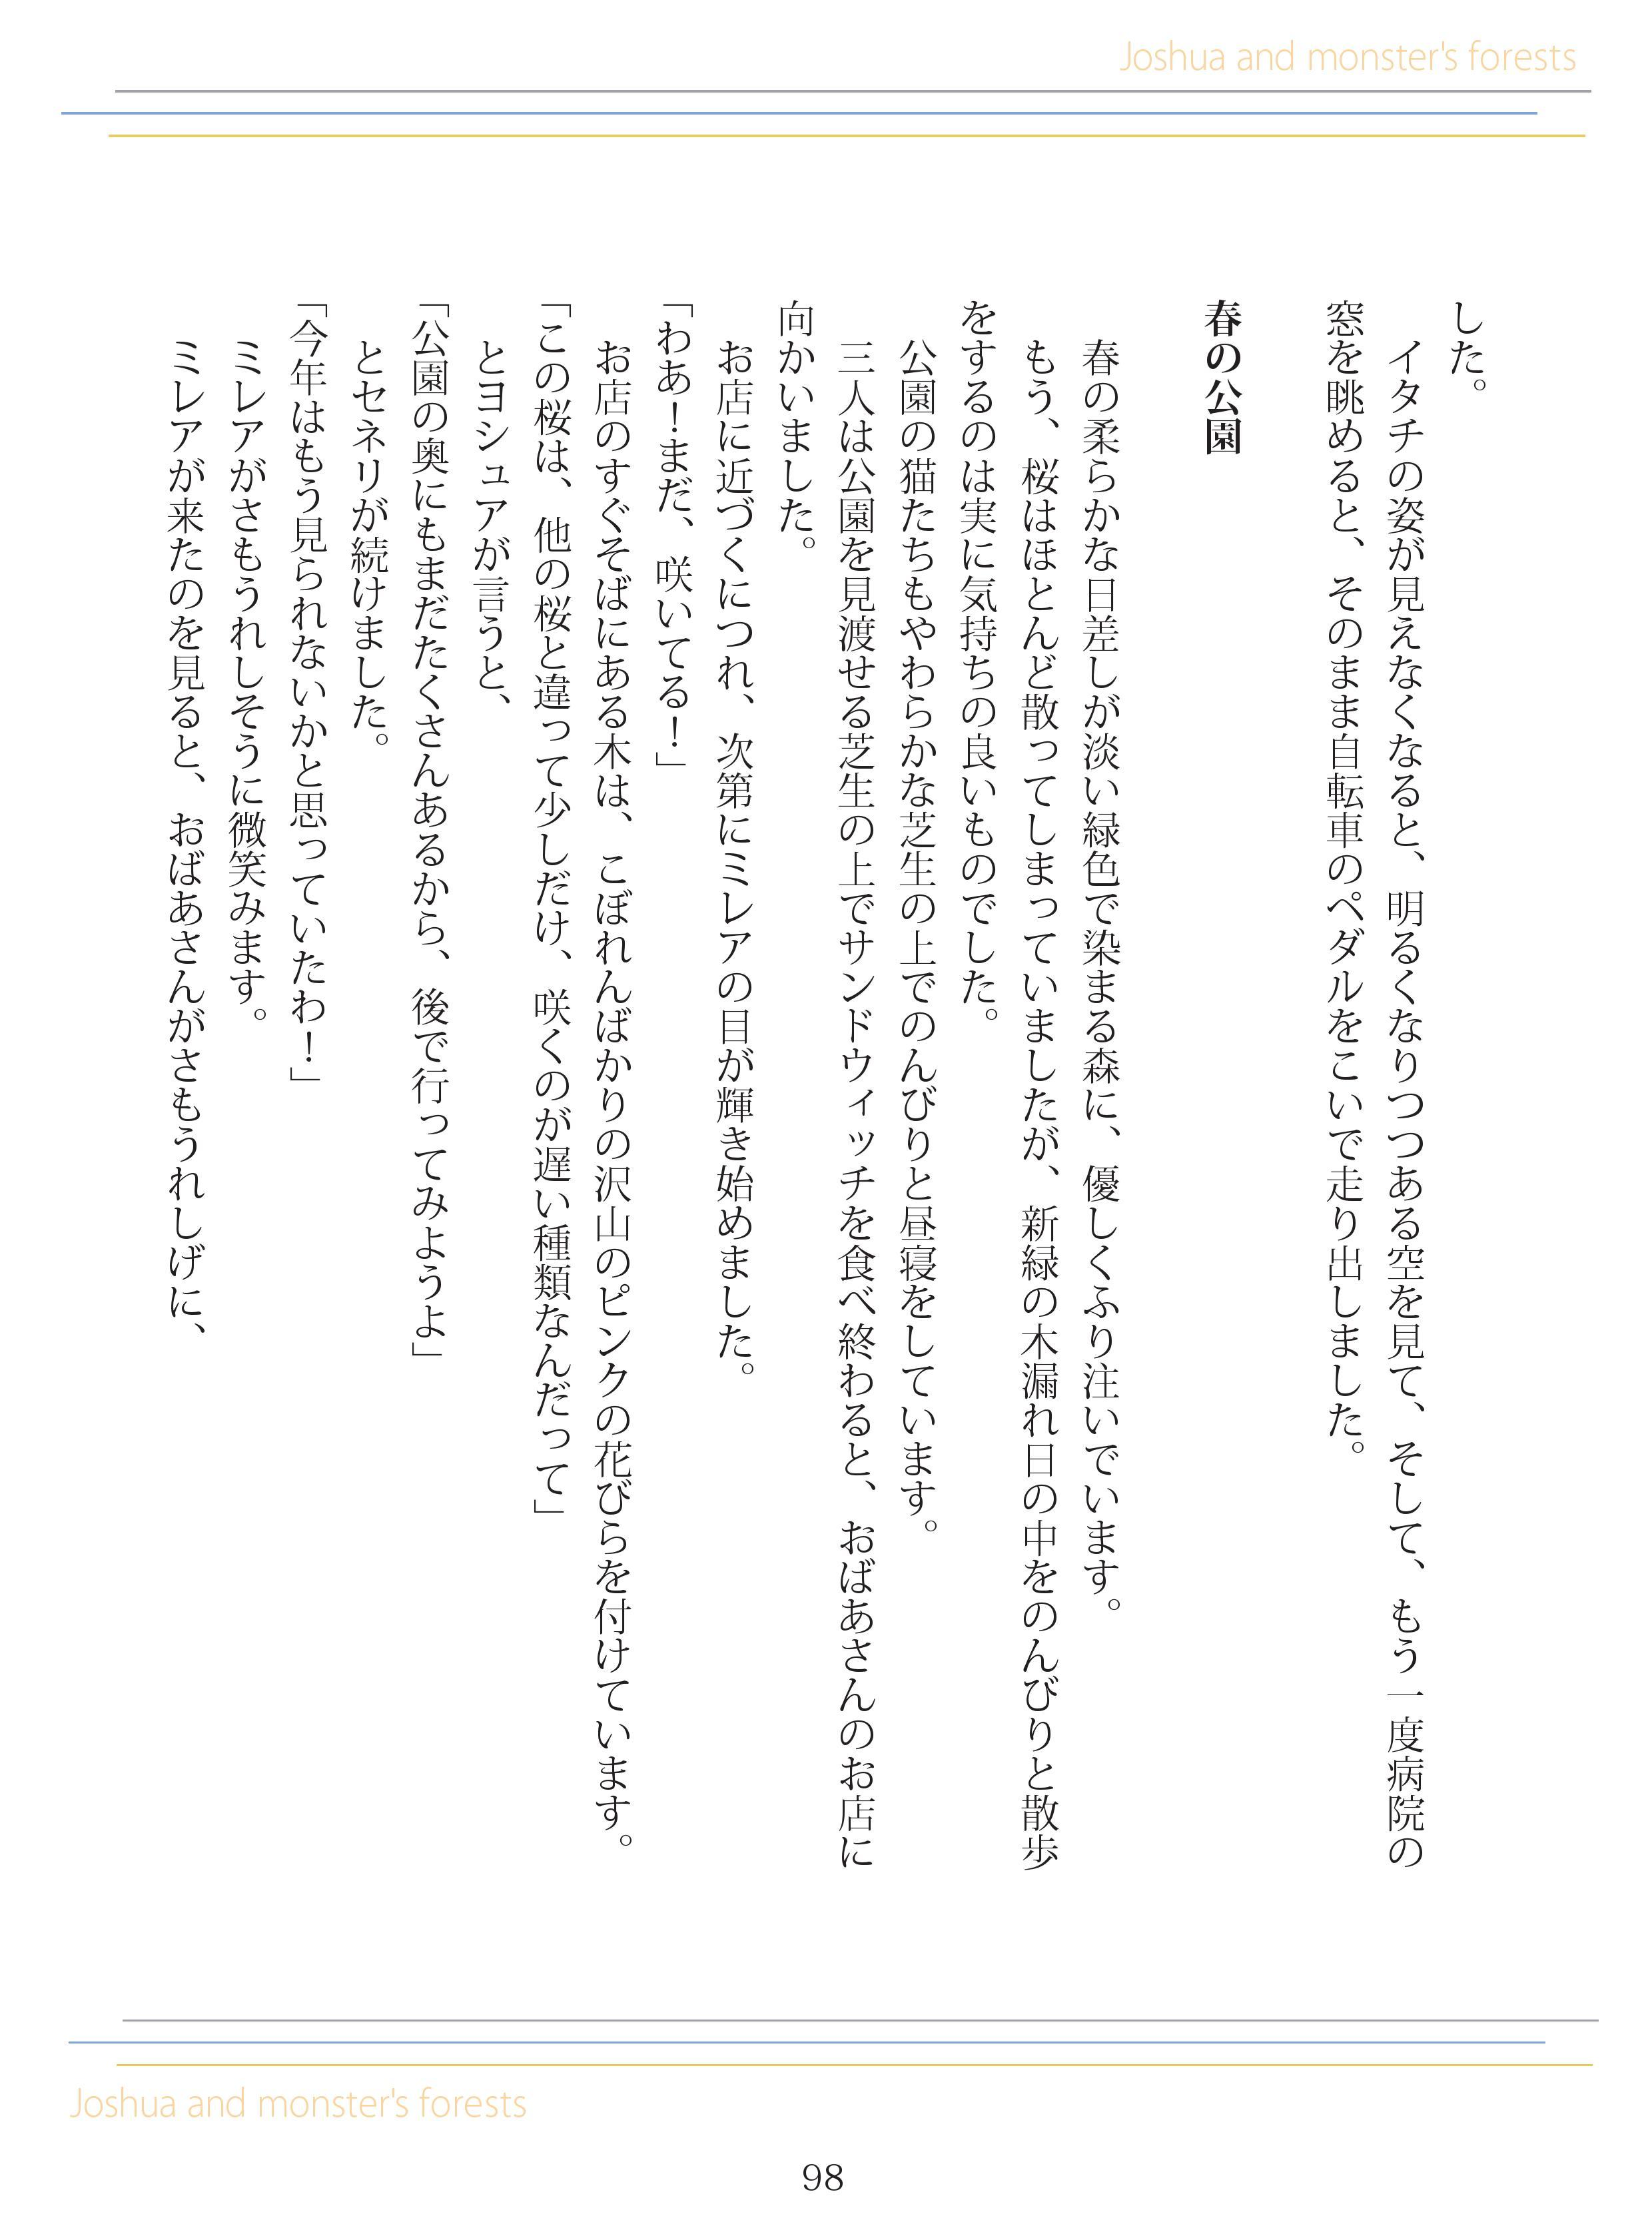 image_099